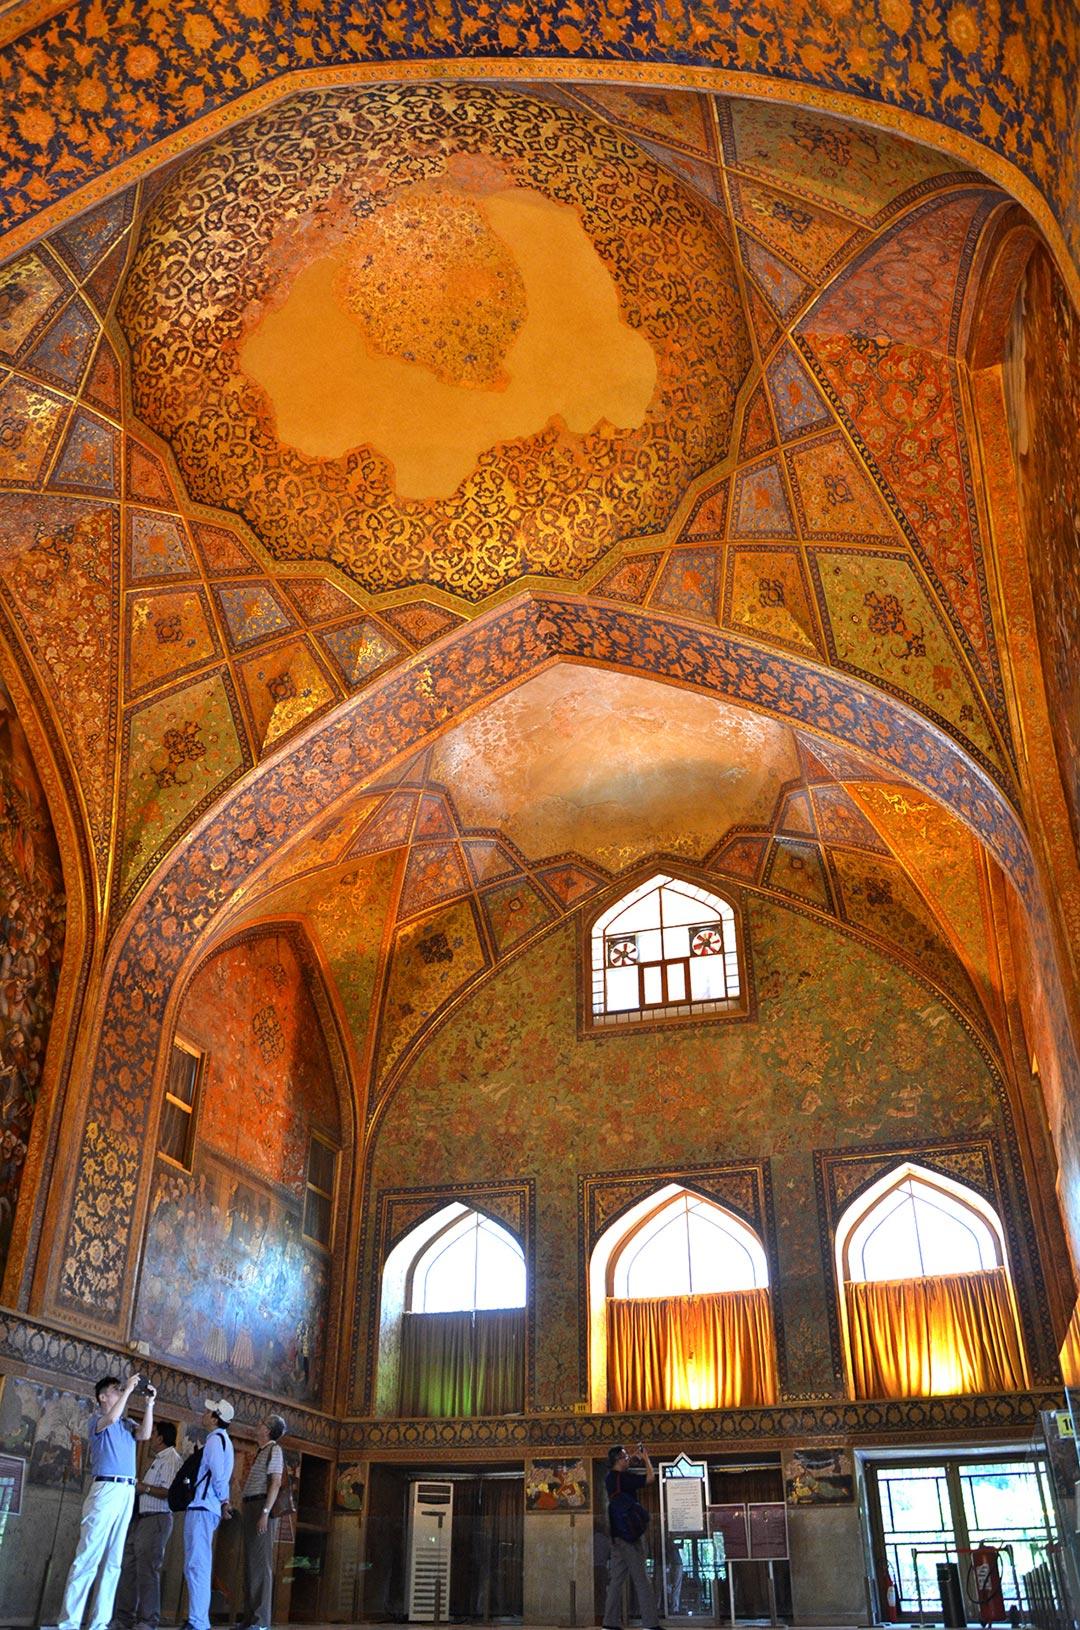 Tak ako ďalšie miesta v Isfaháne, aj tento palác ponúka krásne interiéry s nástennými maľbami.